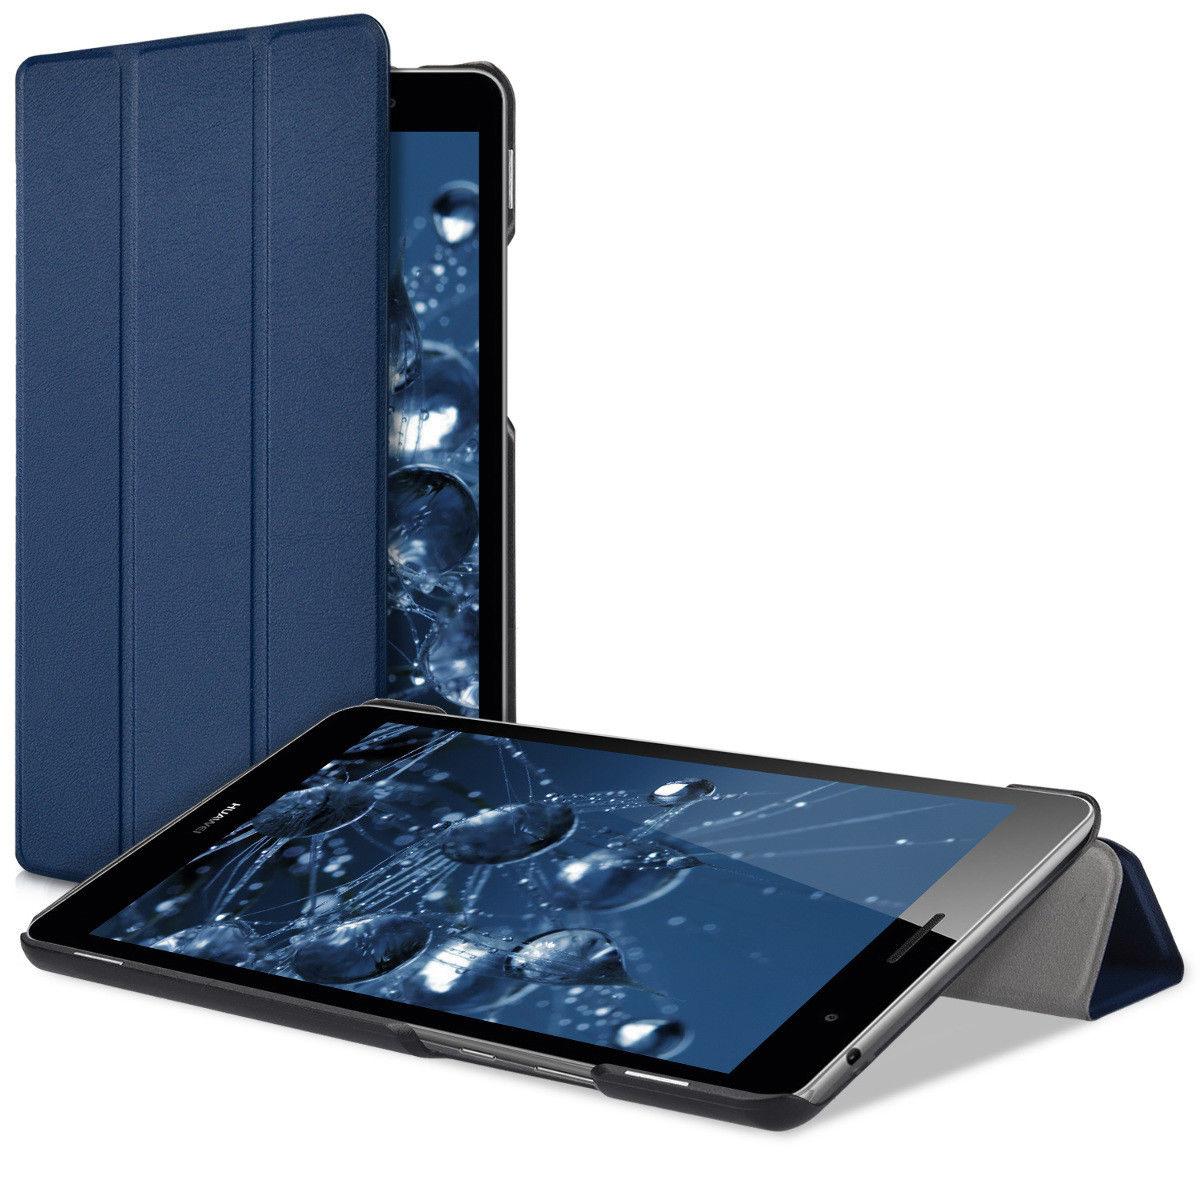 Pouzdro pro Huawei MediaPad T3 8.0 modré